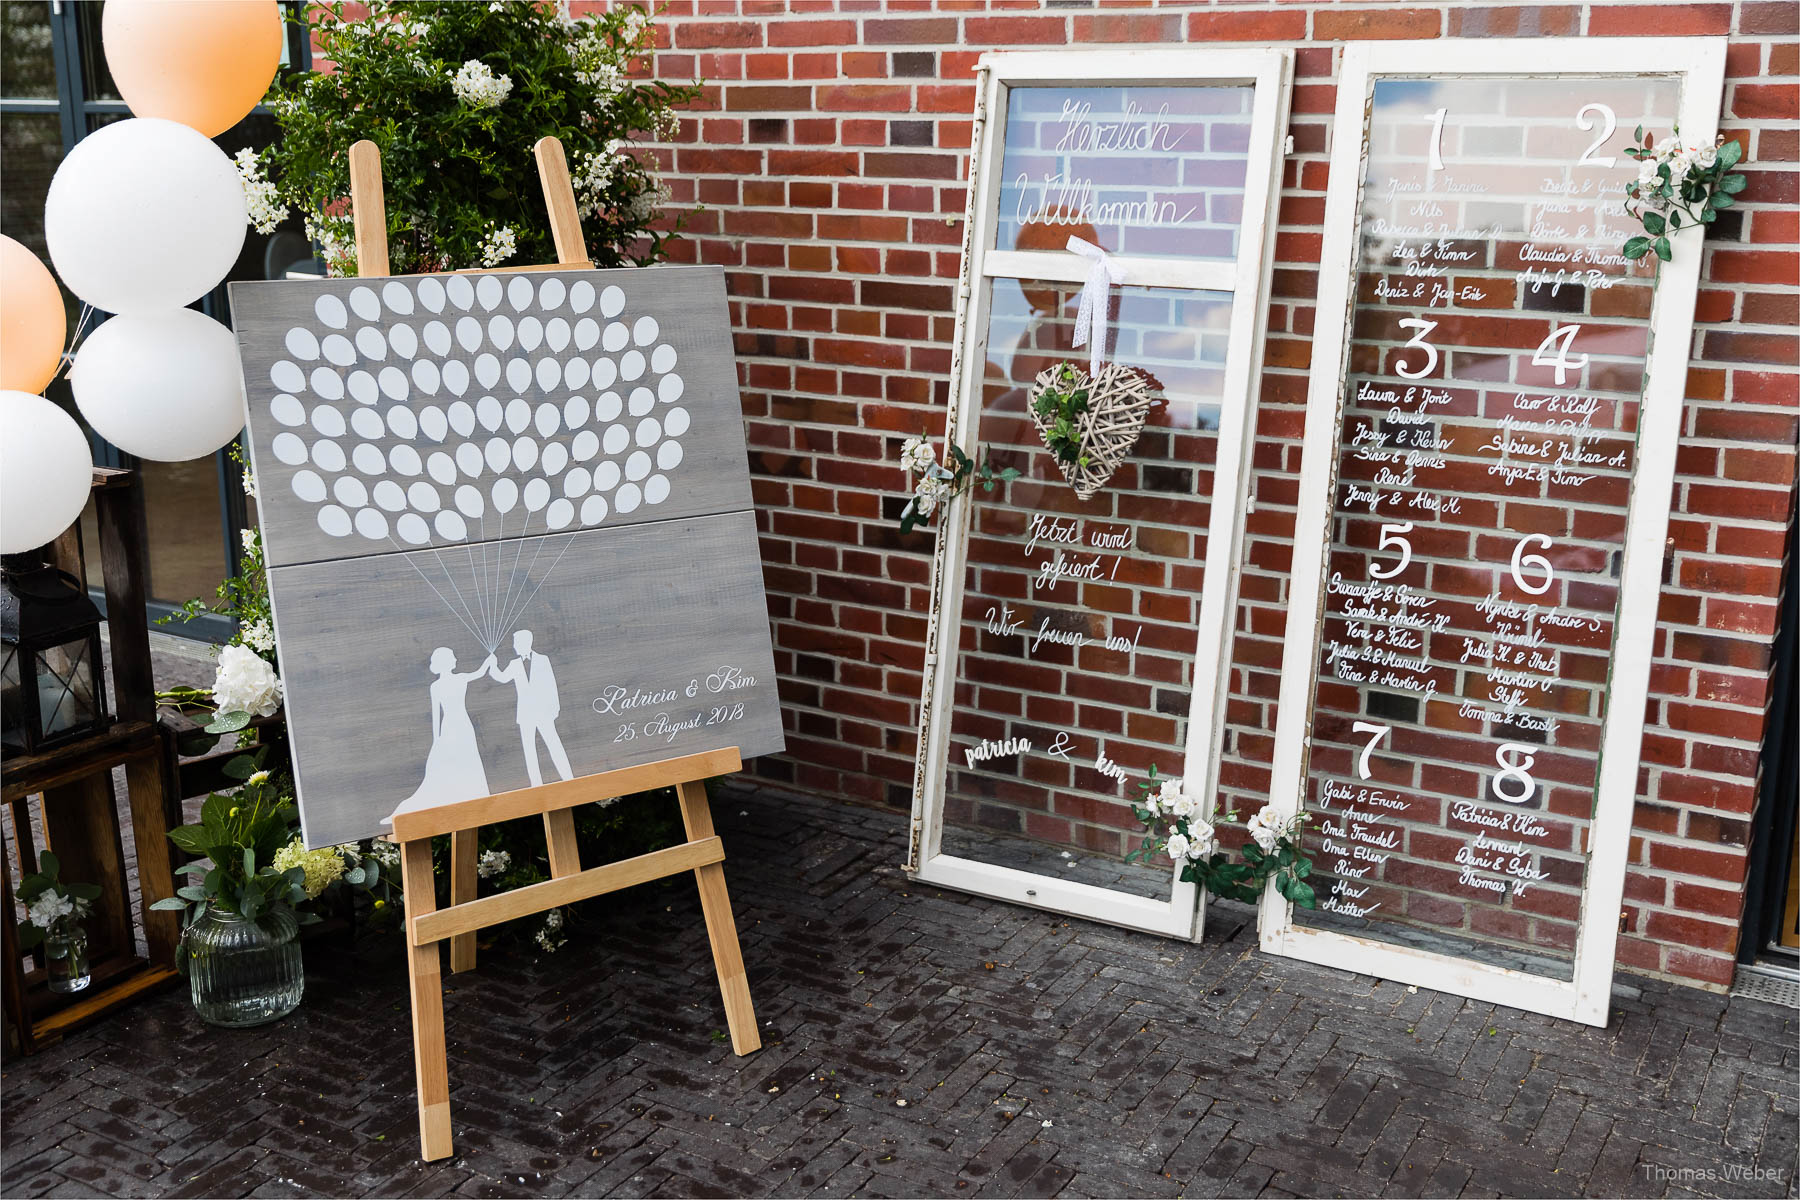 Freie Trauung und Hochzeitsfeier in Niedersachsen, Hochzeitsfotograf Ostfriesland